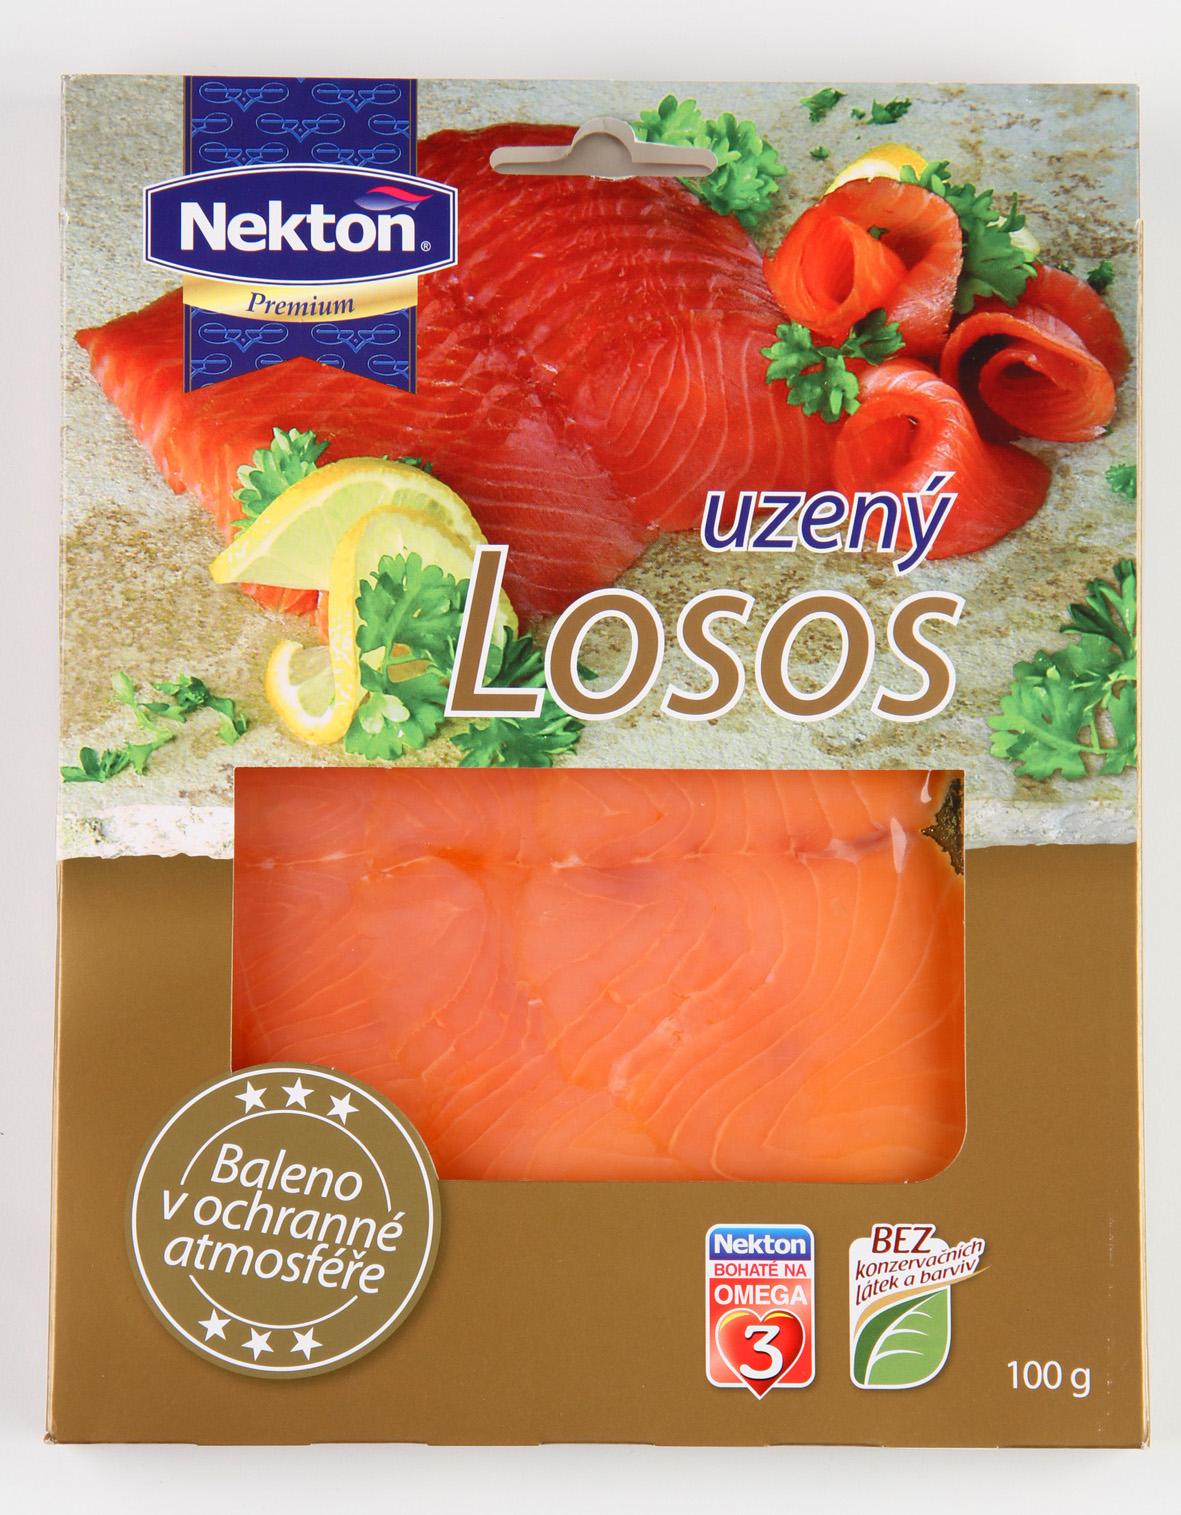 Nekton Premium Uzený losos